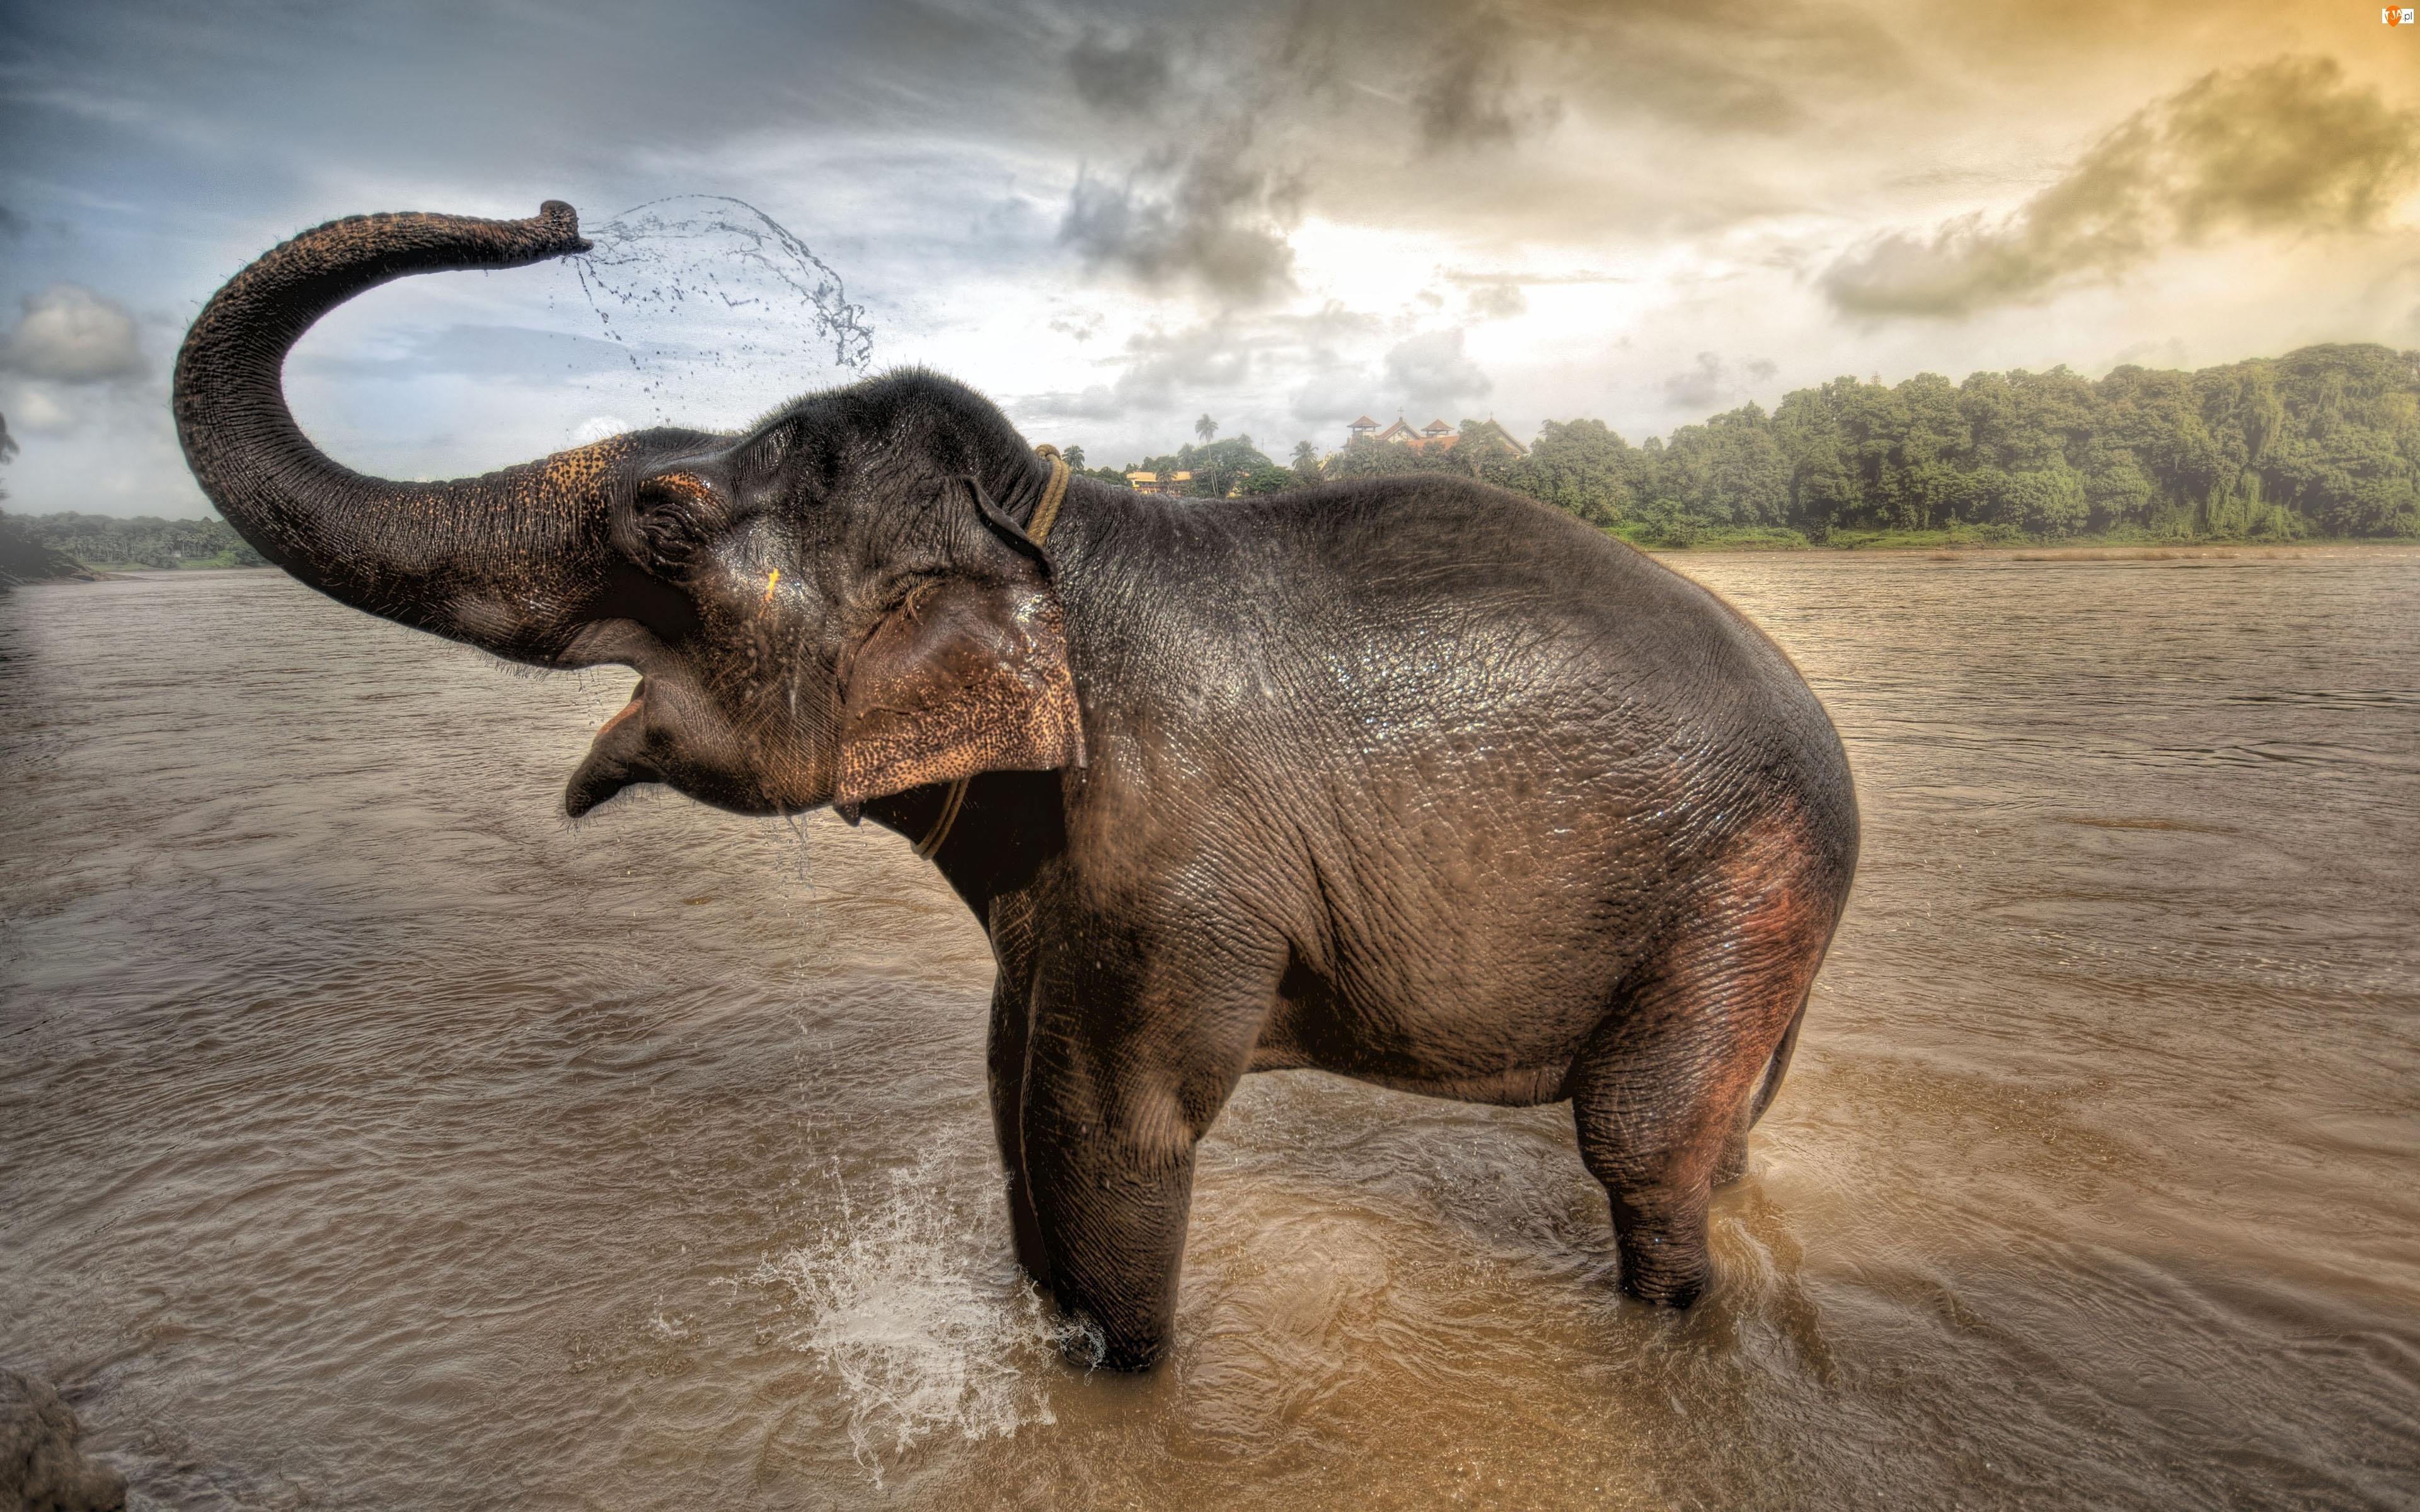 Polewanie, Słoń, Woda